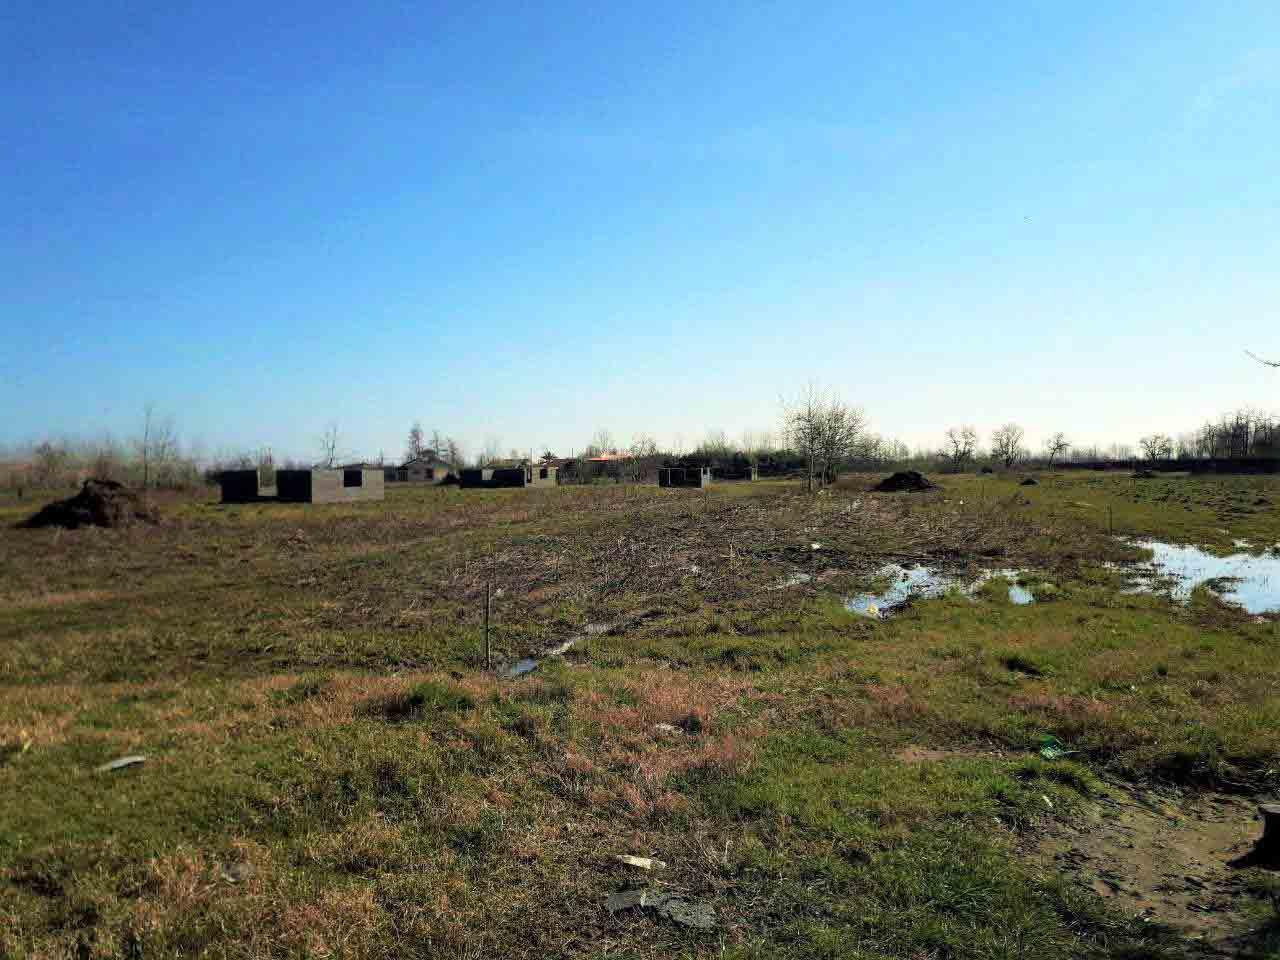 فروش زمین 20 هکتاری با سند در گیلان